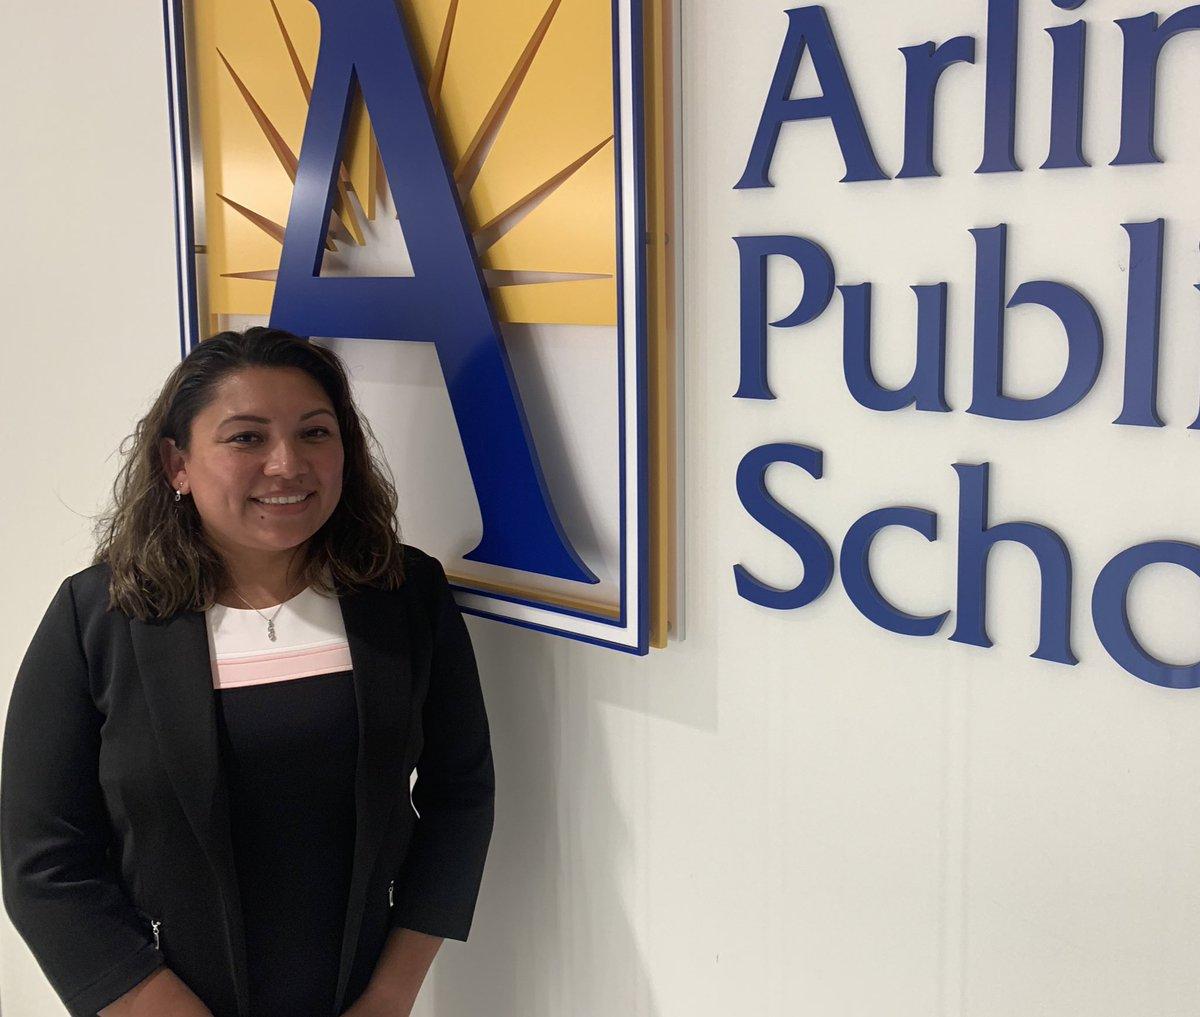 تهانينا للكاتب المعين حديثًا فيAPSVaSchoolBd '> @APSVaSchoolBd - السيدة كلوديا ميركادو! شكرا لك على كل ما فعلته! ❤️👏 https://t.co/X9Xmx6ZNYK